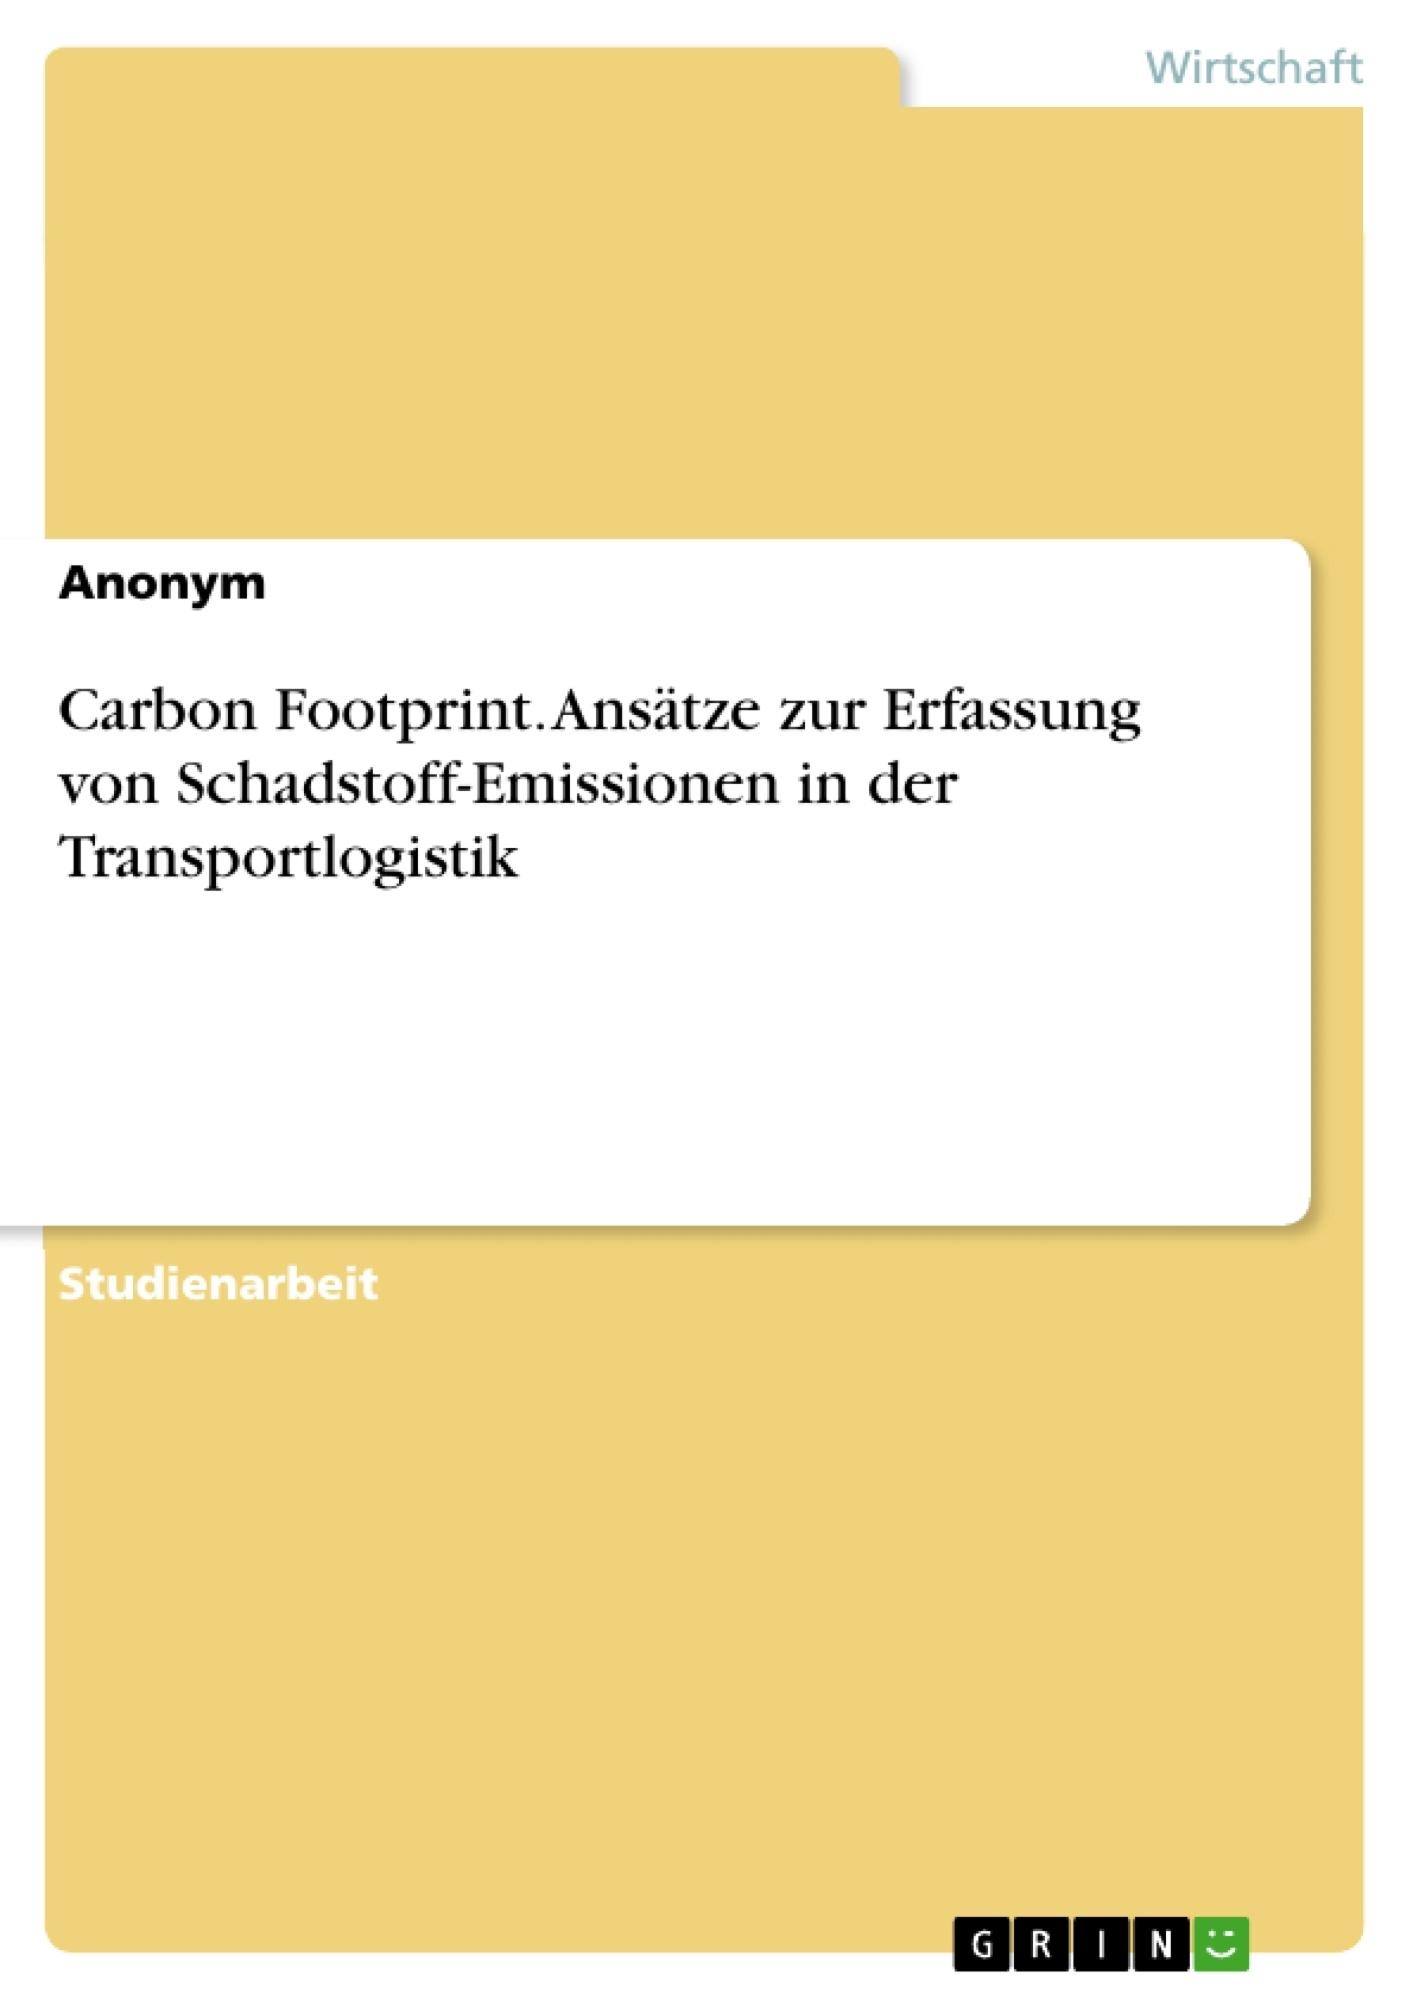 Titel: Carbon Footprint. Ansätze zur Erfassung von Schadstoff-Emissionen in der Transportlogistik